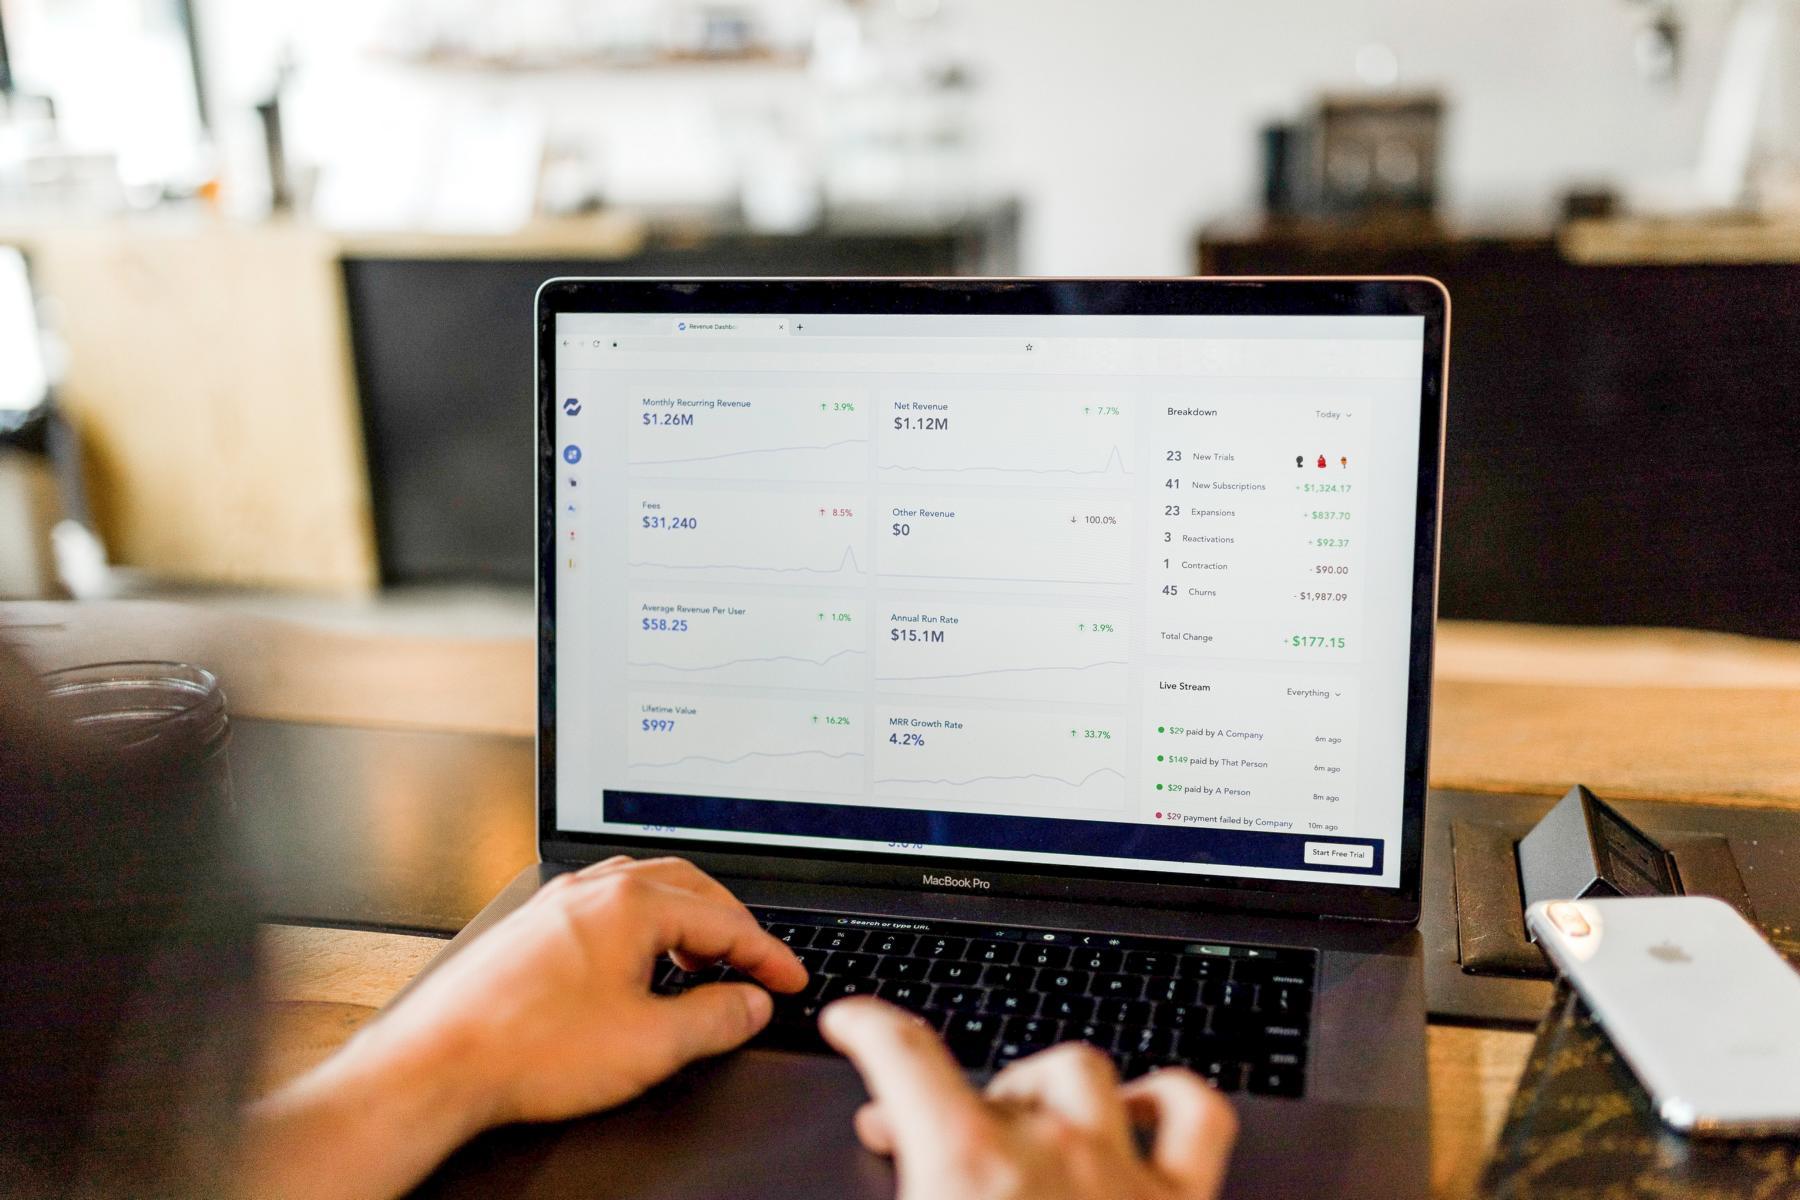 Kauf und Verkauf von virtueller Währung – Steuern und Bitcoin-Automaten